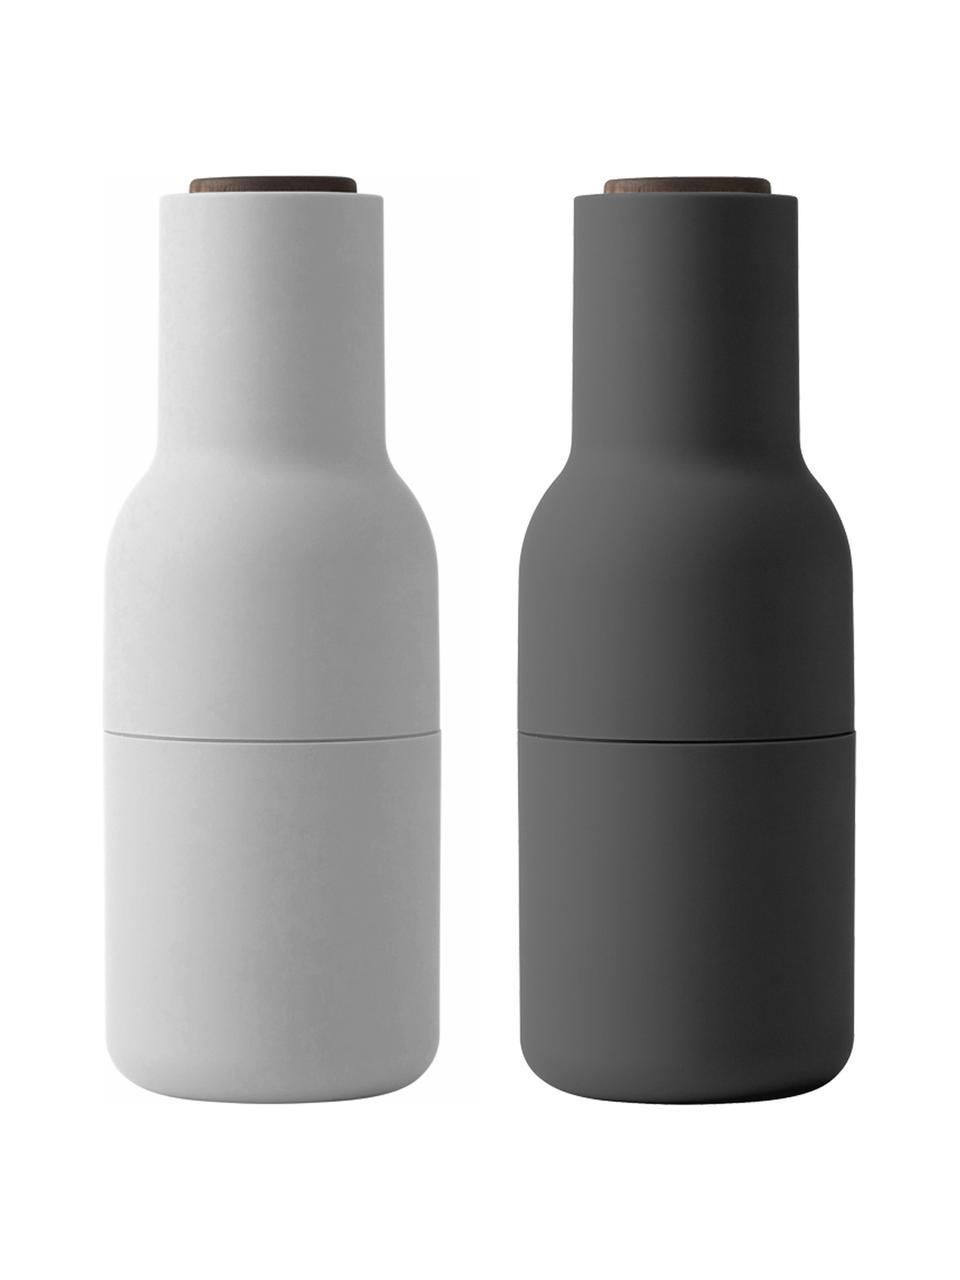 Designer Salz- & Pfeffermühle Bottle Grinder in Anthrazit/Hellgrau mit Walnussholzdeckel, Korpus: Kunststoff, Mahlwerk: Keramik, Deckel: Walnussholz, Anthrazit, Weiß, Ø 8 x H 21 cm